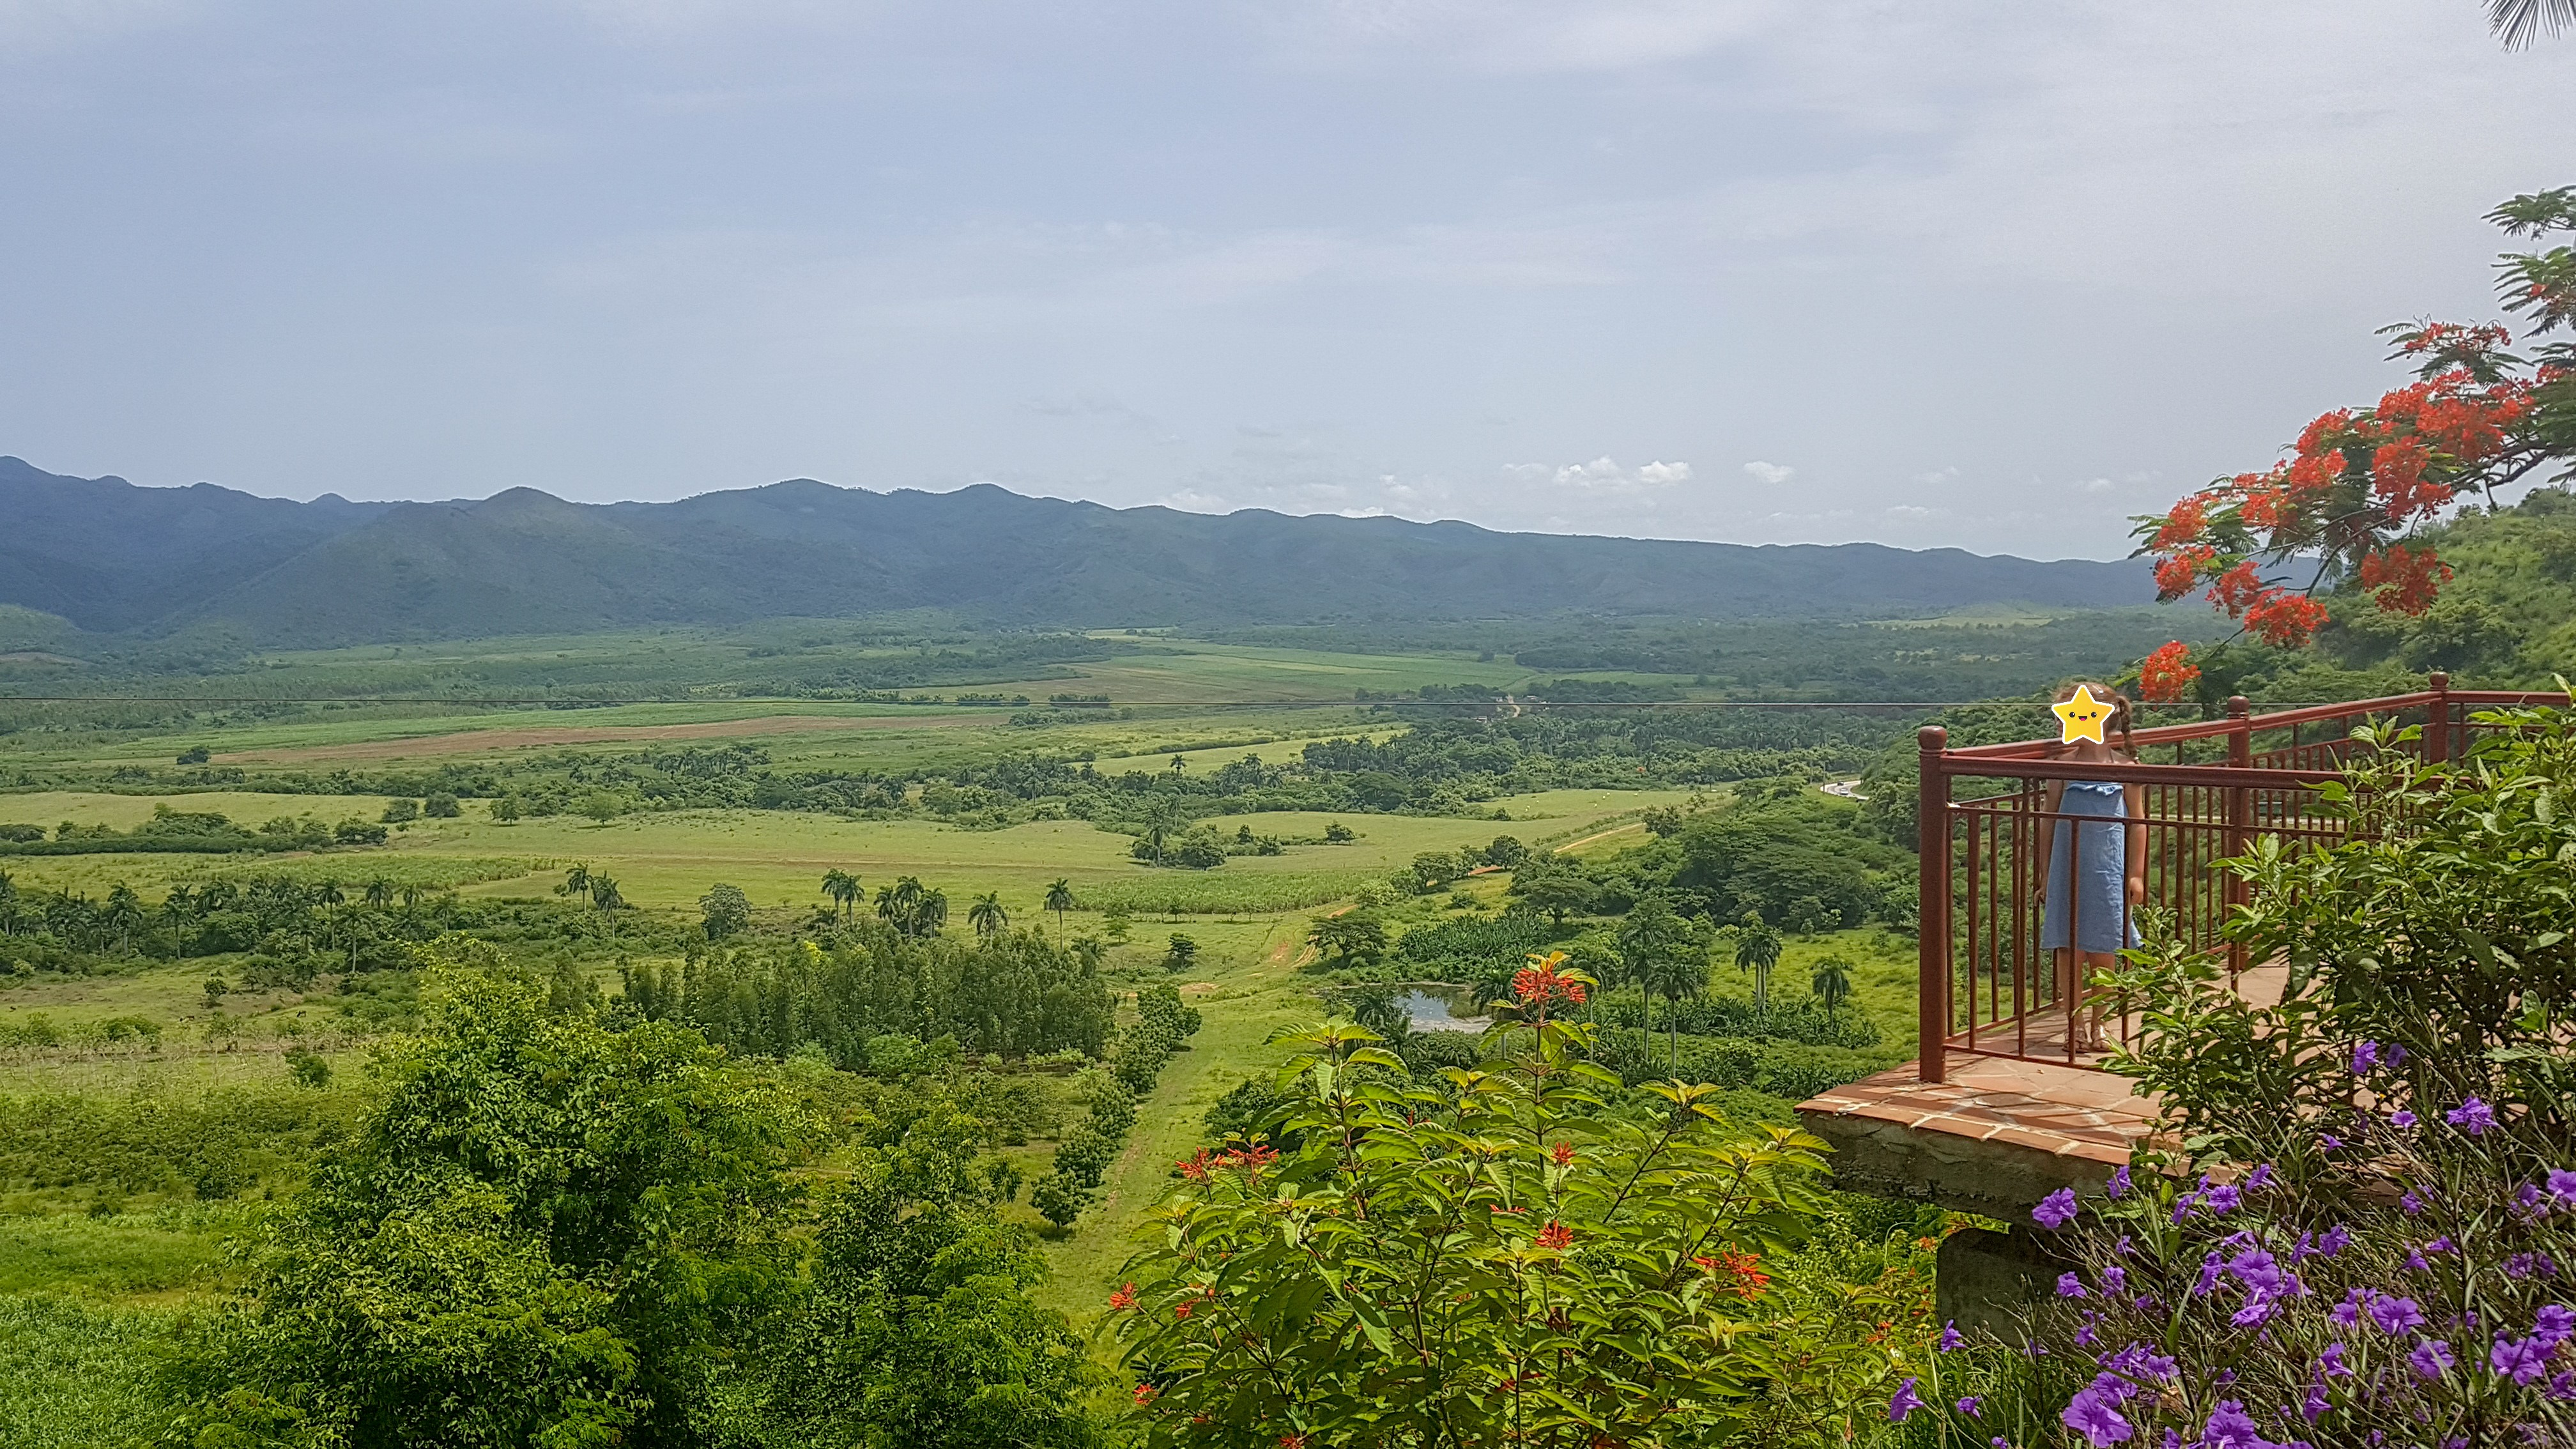 vallée de Los Ingenios, Trinidad, Cuba